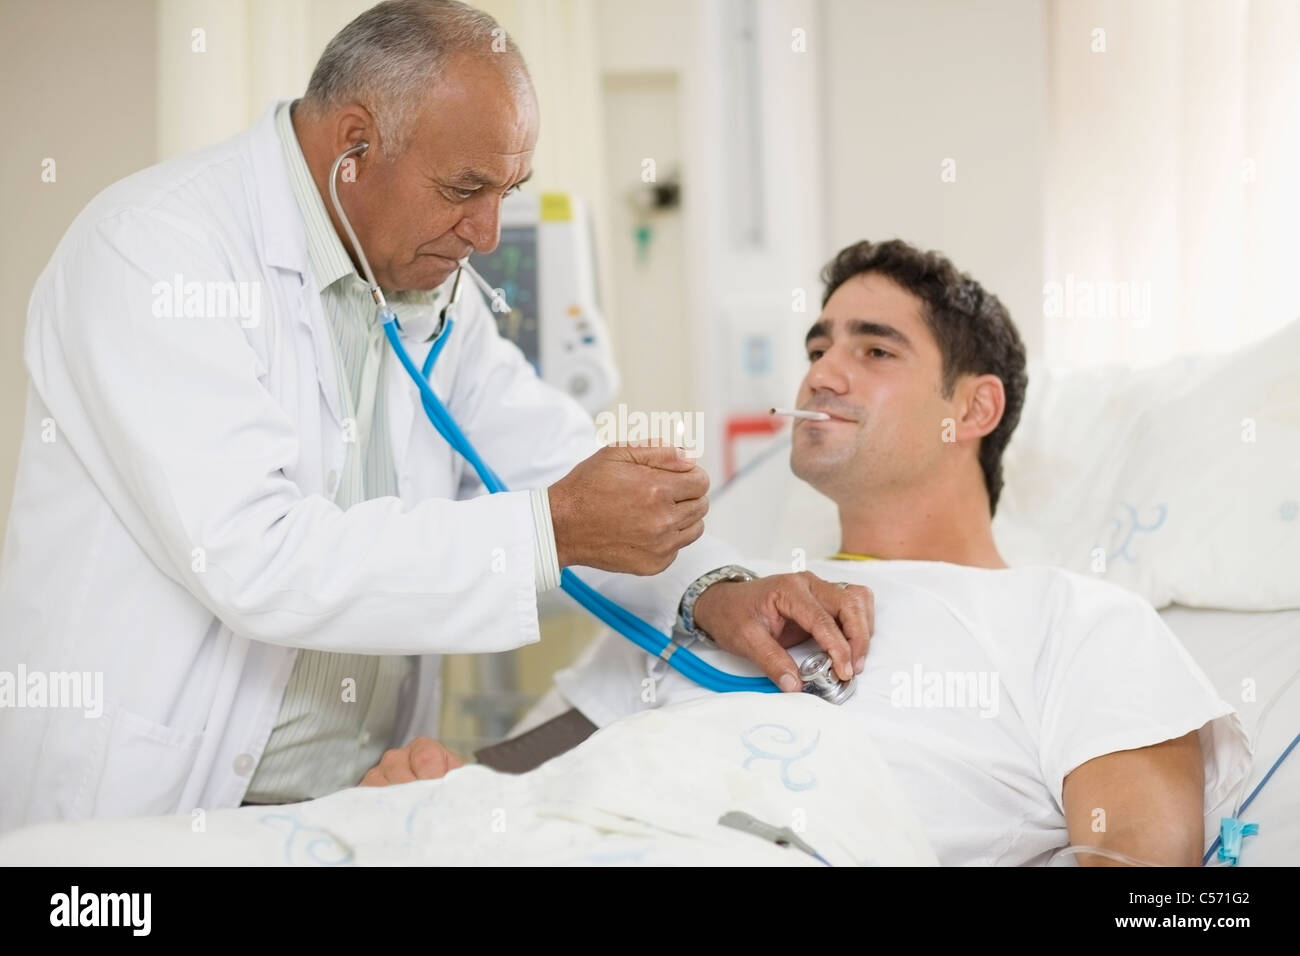 Doctor lighting patient's cigarette - Stock Image